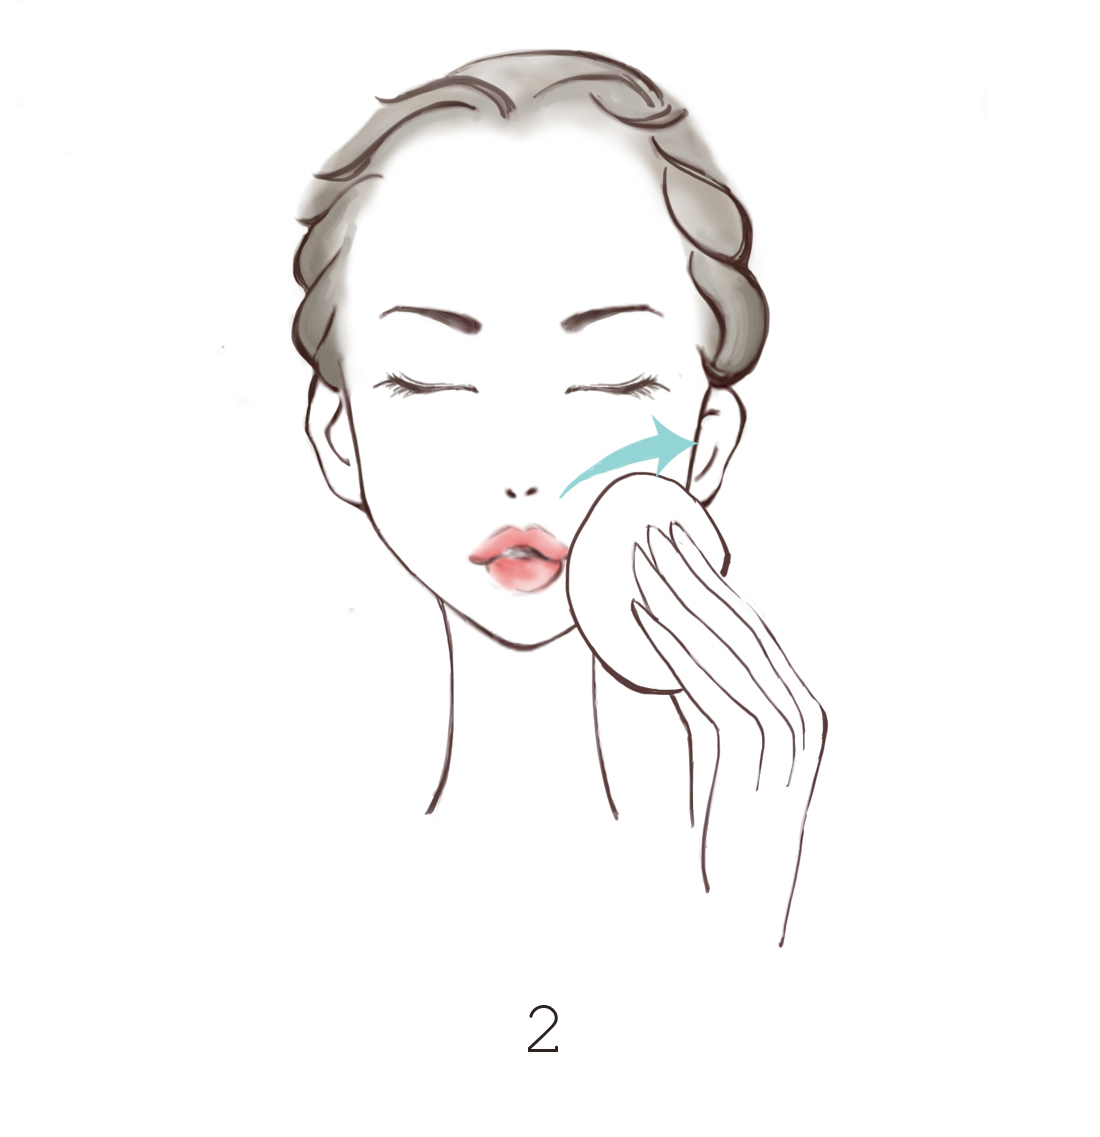 洗澡之后怎么给肌肤减压 保湿平衡